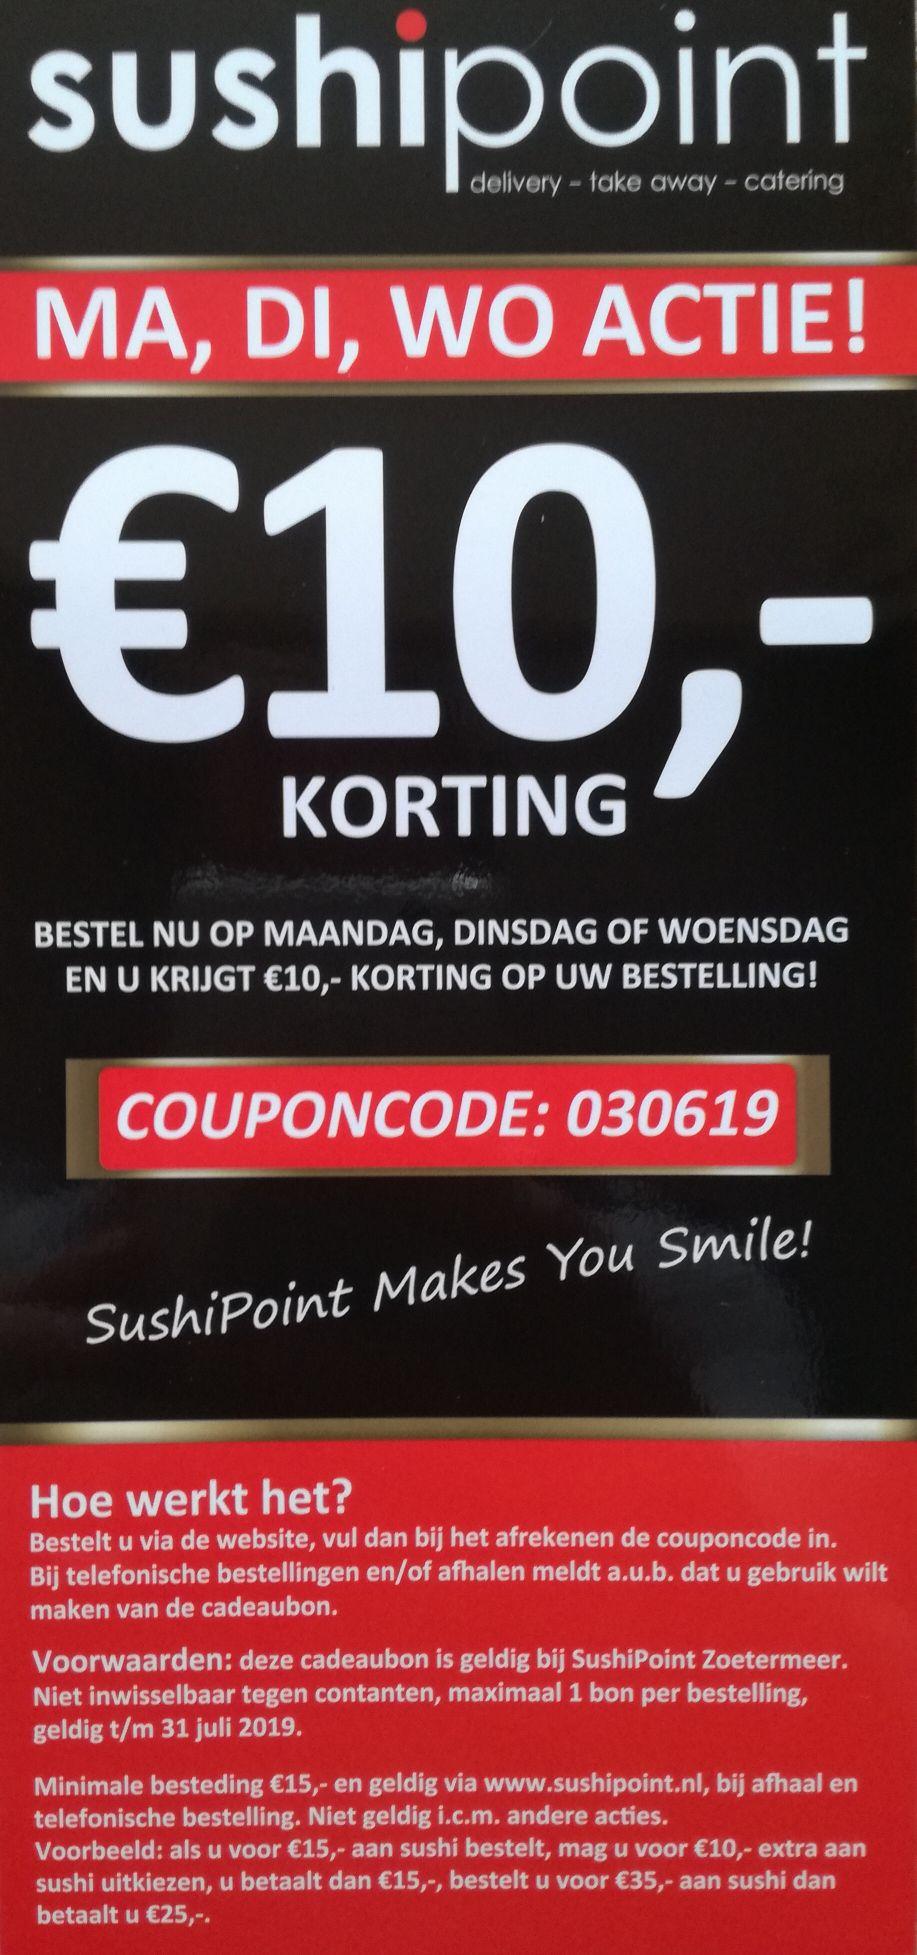 Sushipoint Zoetermeer €10,- korting op maandag, dinsdag en woensdag op het gehele sushi aanbod.